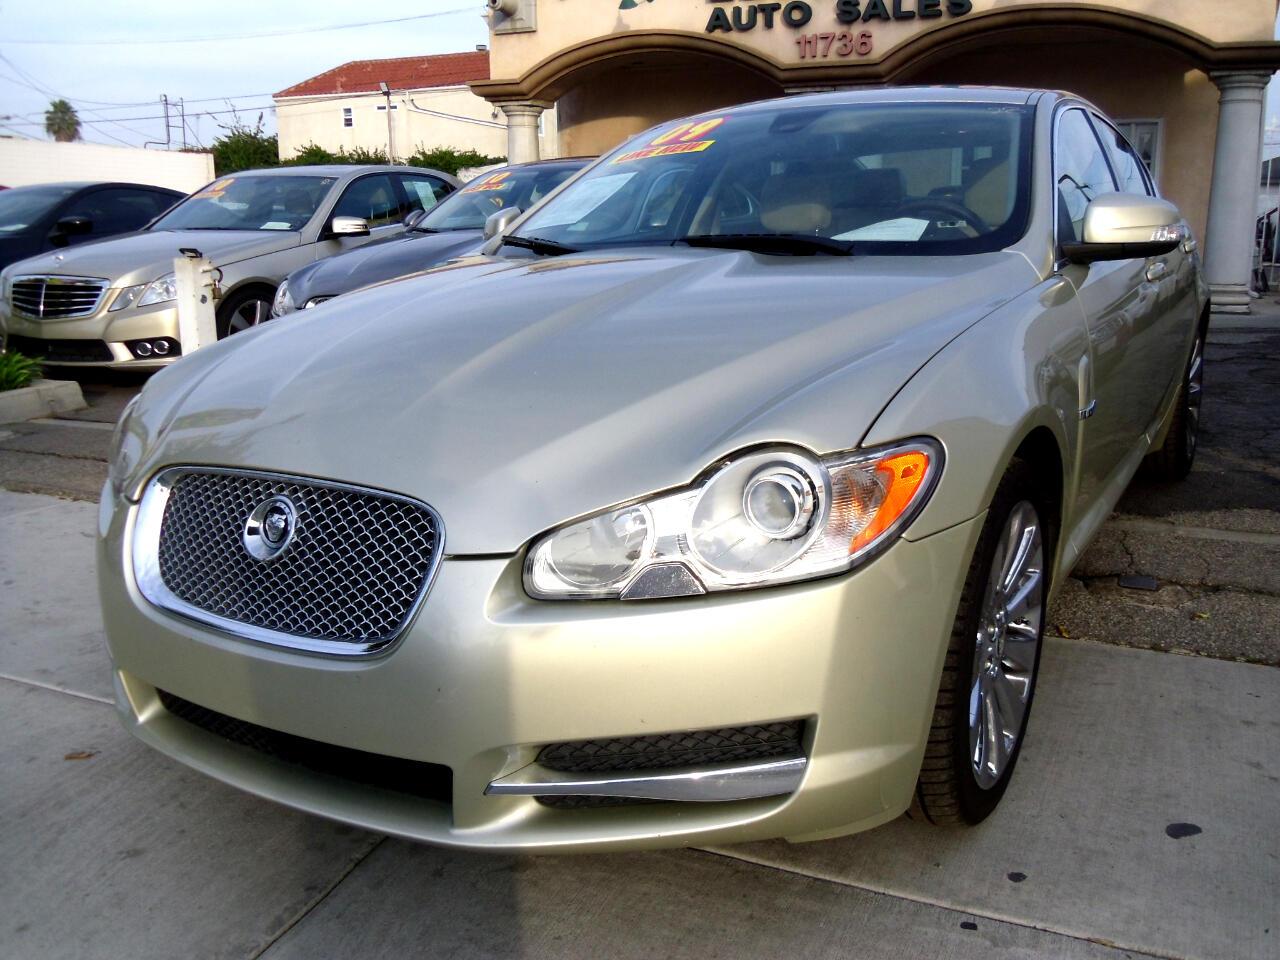 Jaguar XF 4dr Sdn Premium Luxury 2009